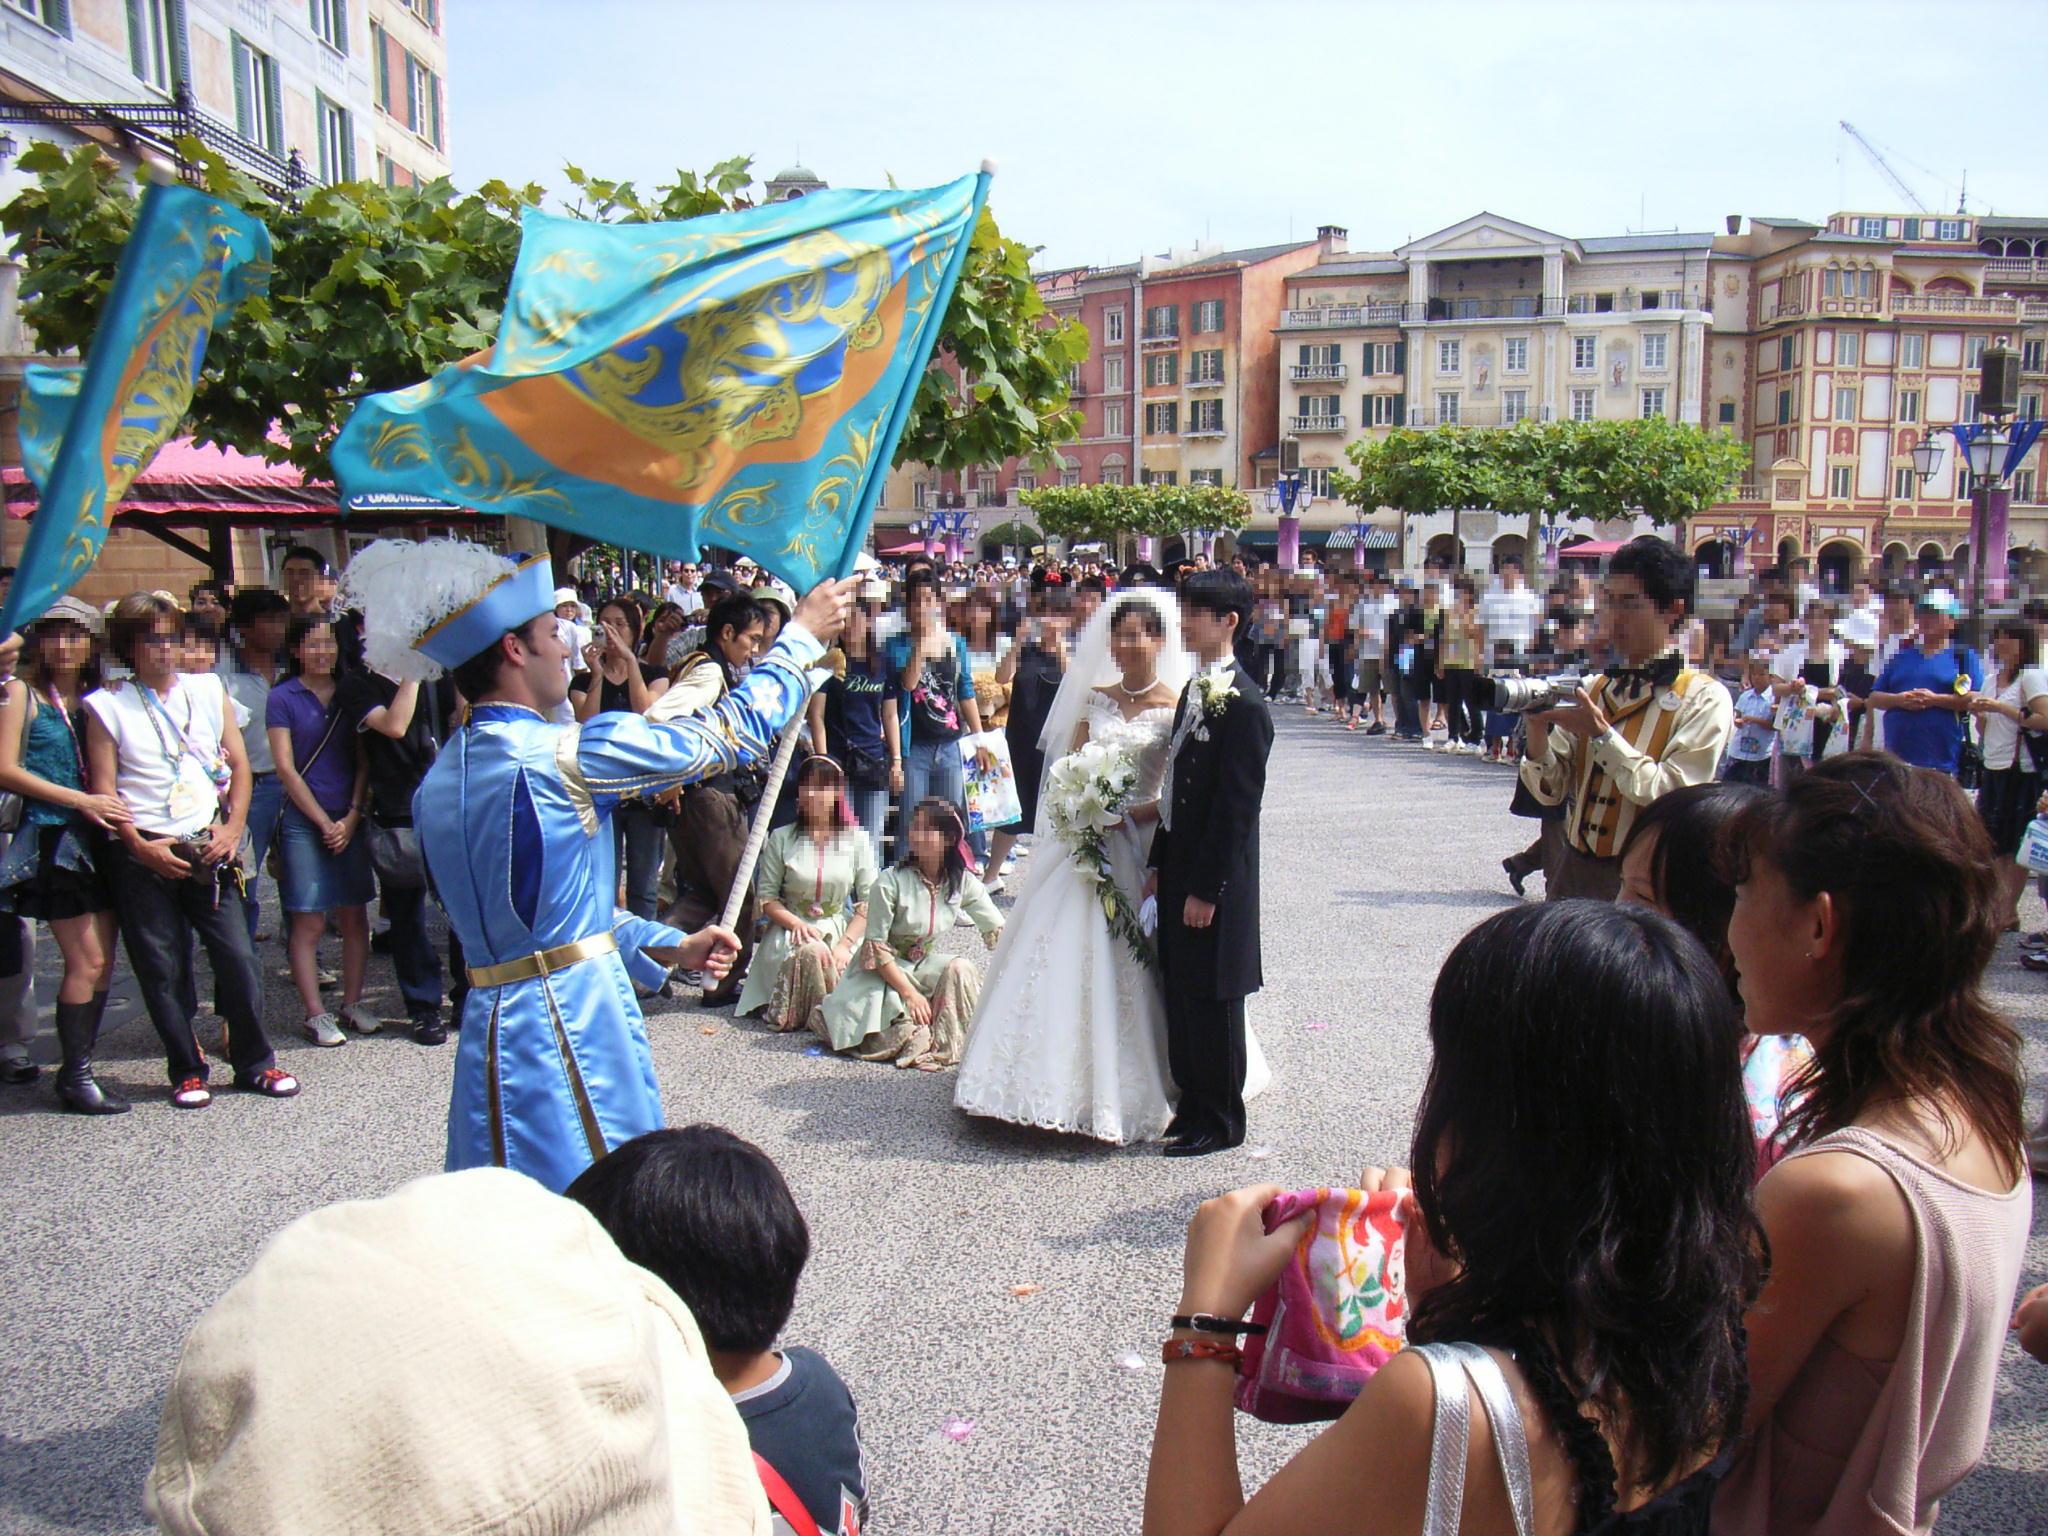 ディズニーシーのゴンドラ結婚式 (^。^)